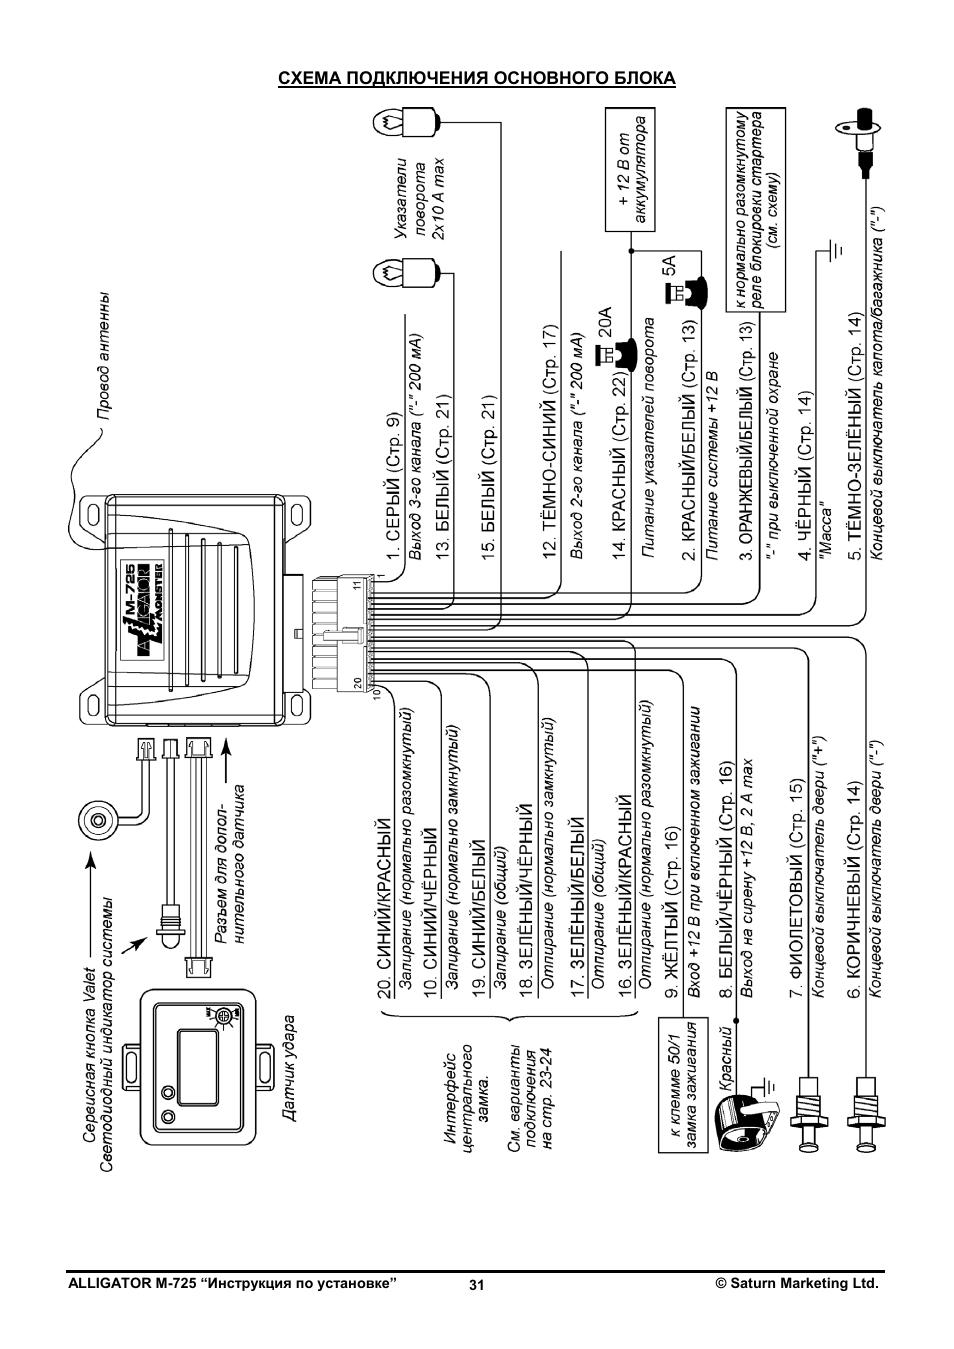 Аллигатор td 215 схема подключения